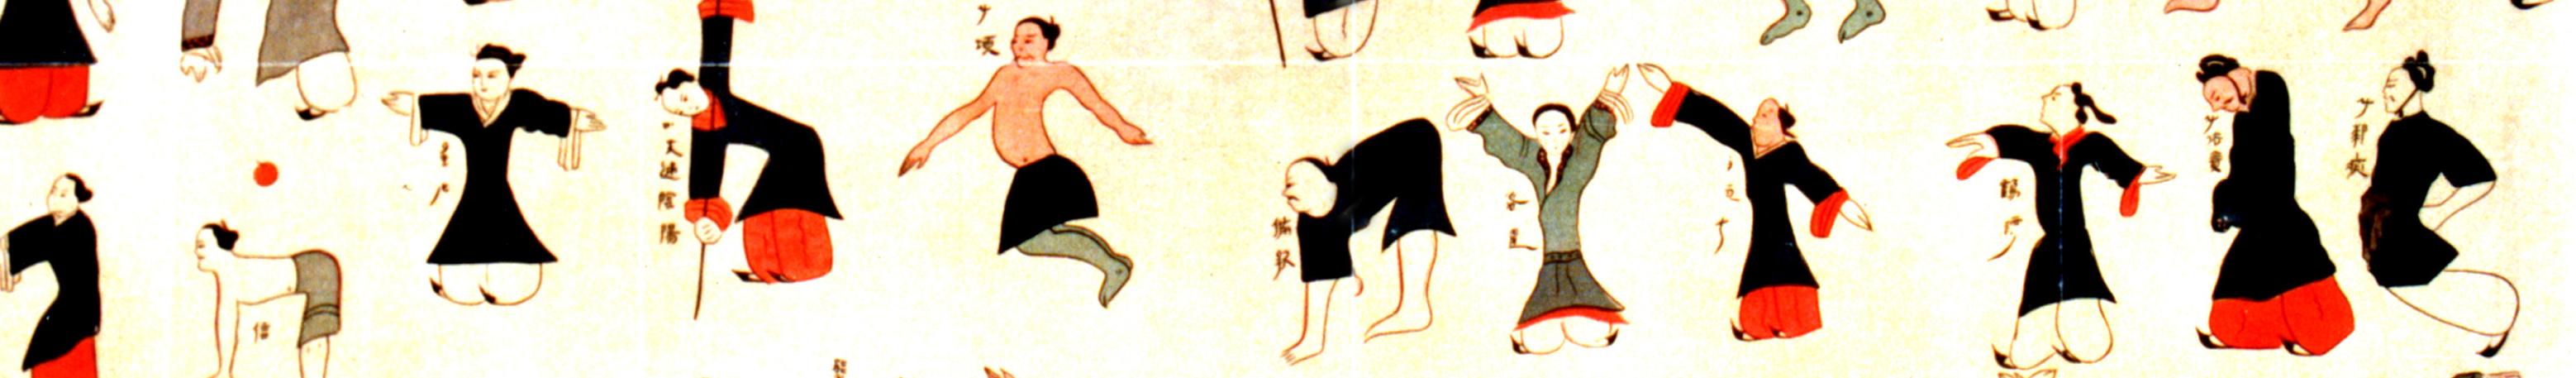 Dao Yin crop 3